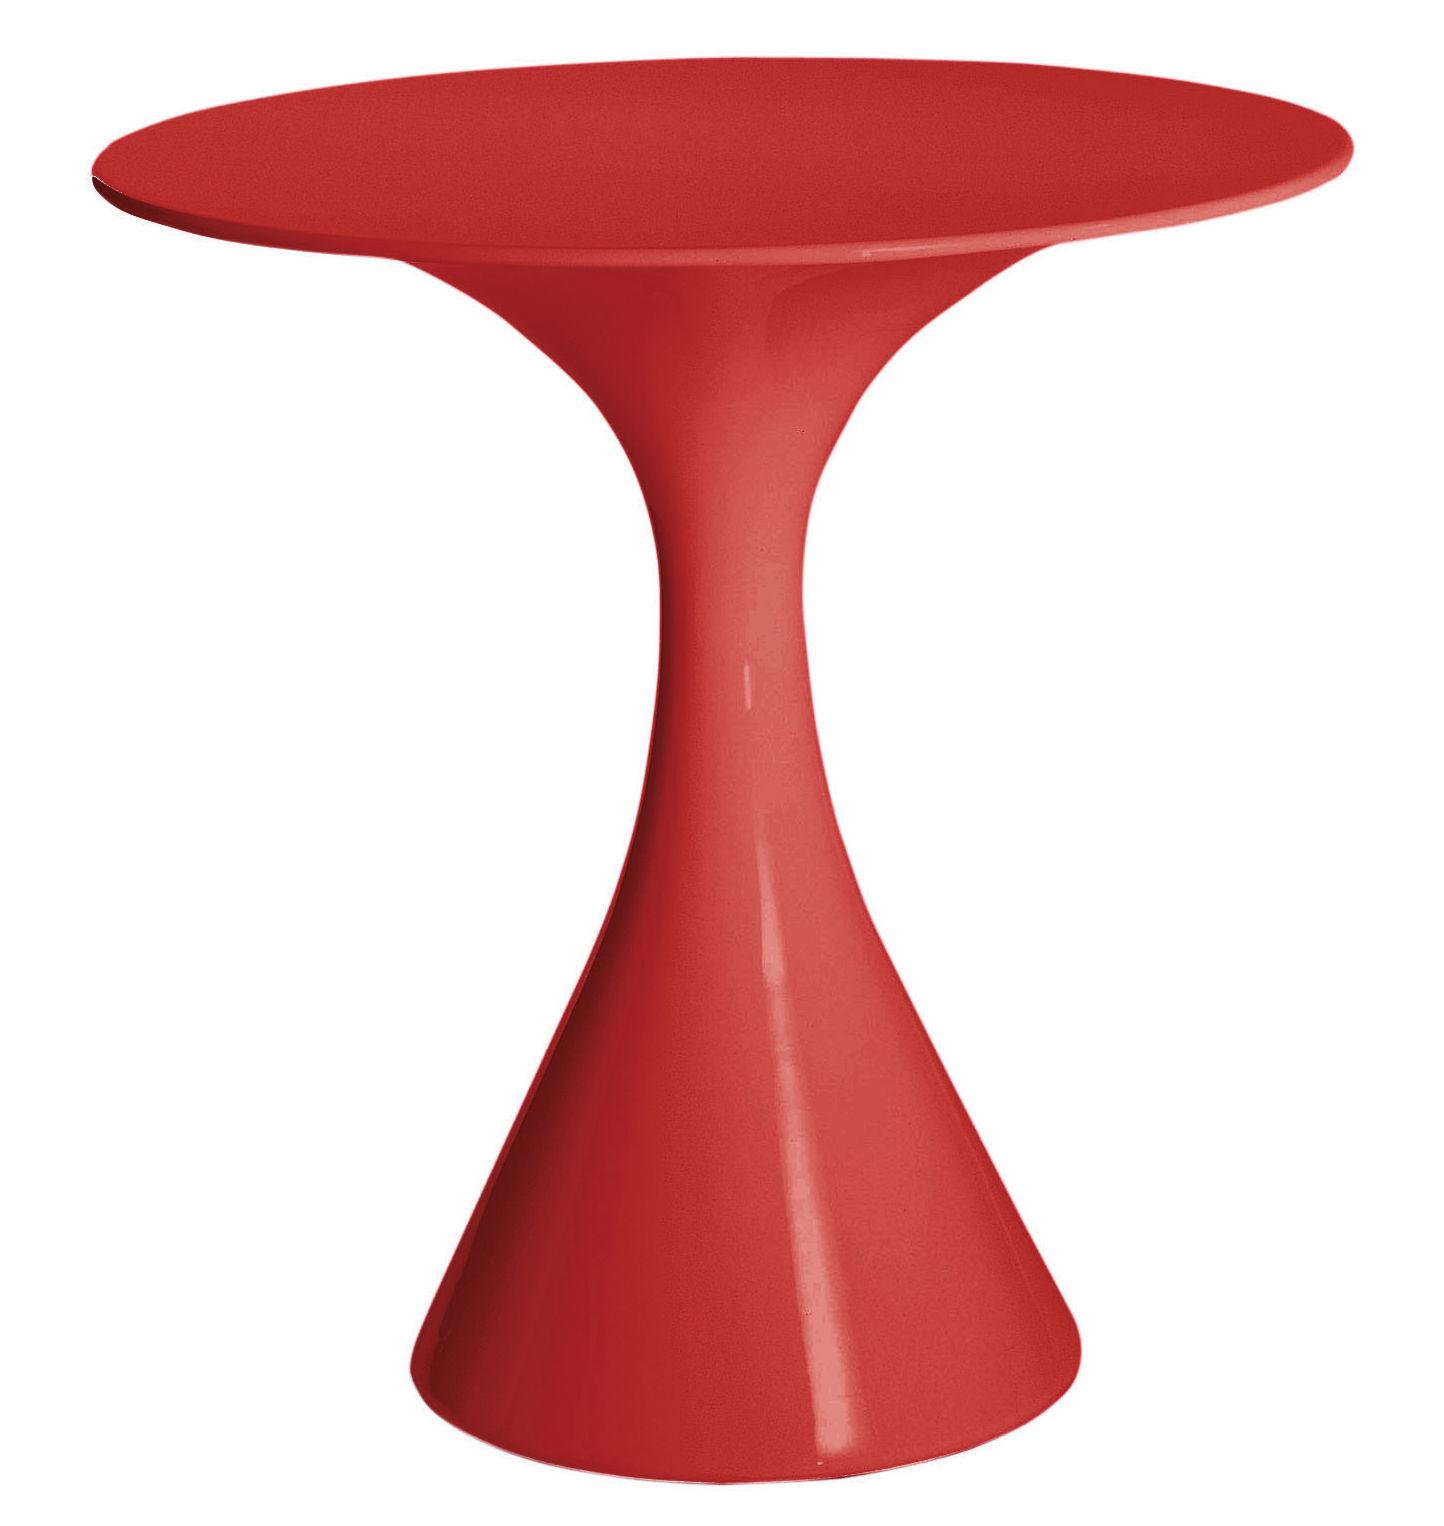 Outdoor - Tables de jardin - Table ronde Kissi Kissi / Ø 70 cm - Driade - Rouge - Polyéthylène